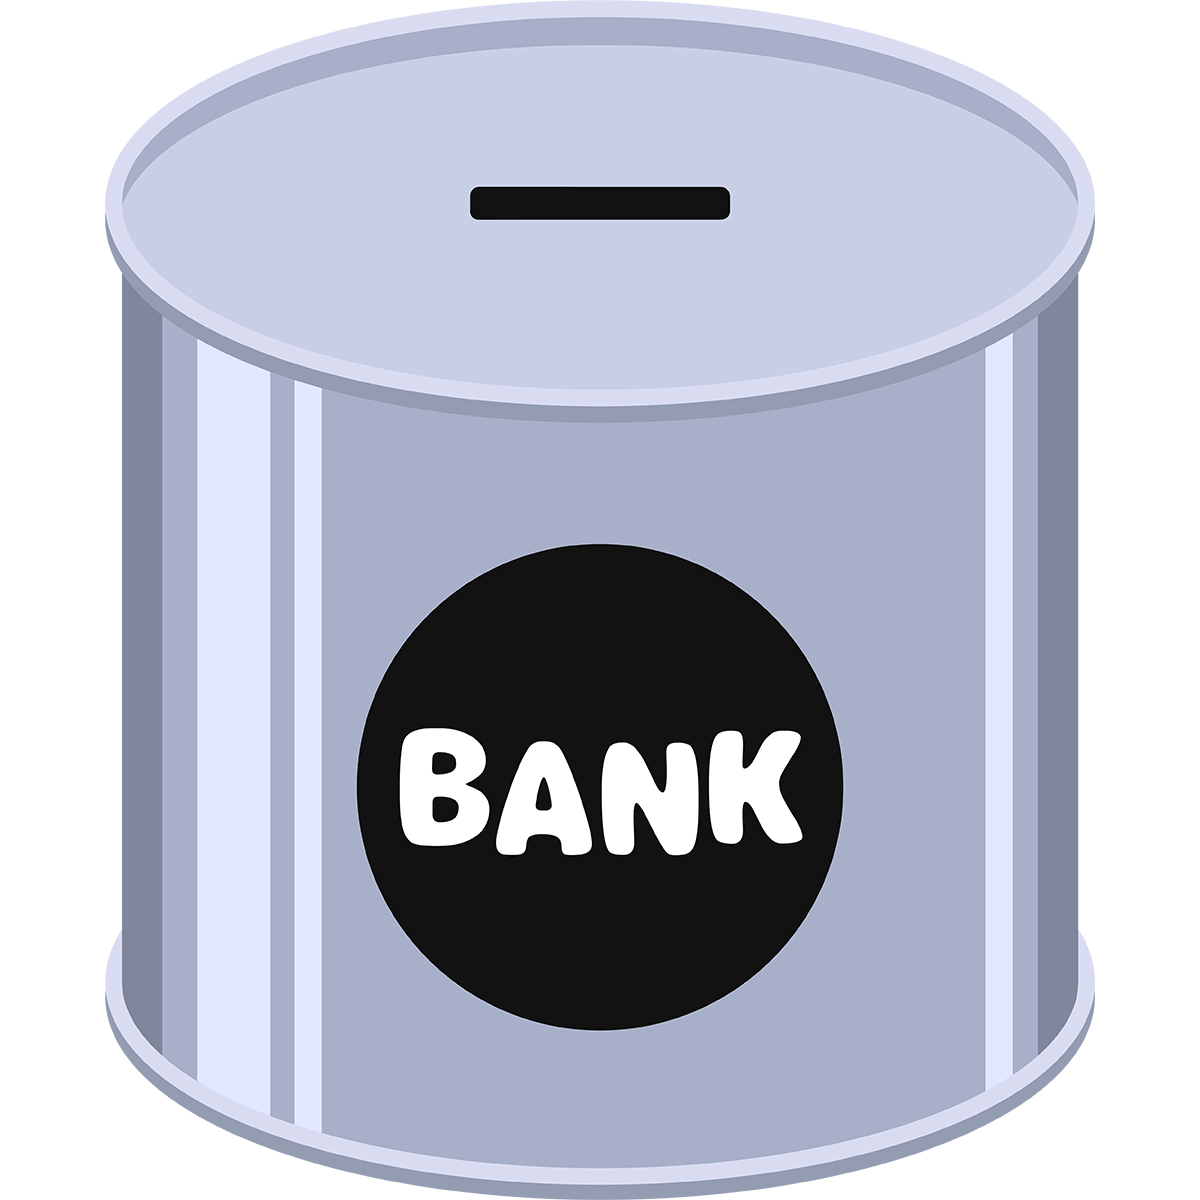 貯金箱の無料イラスト